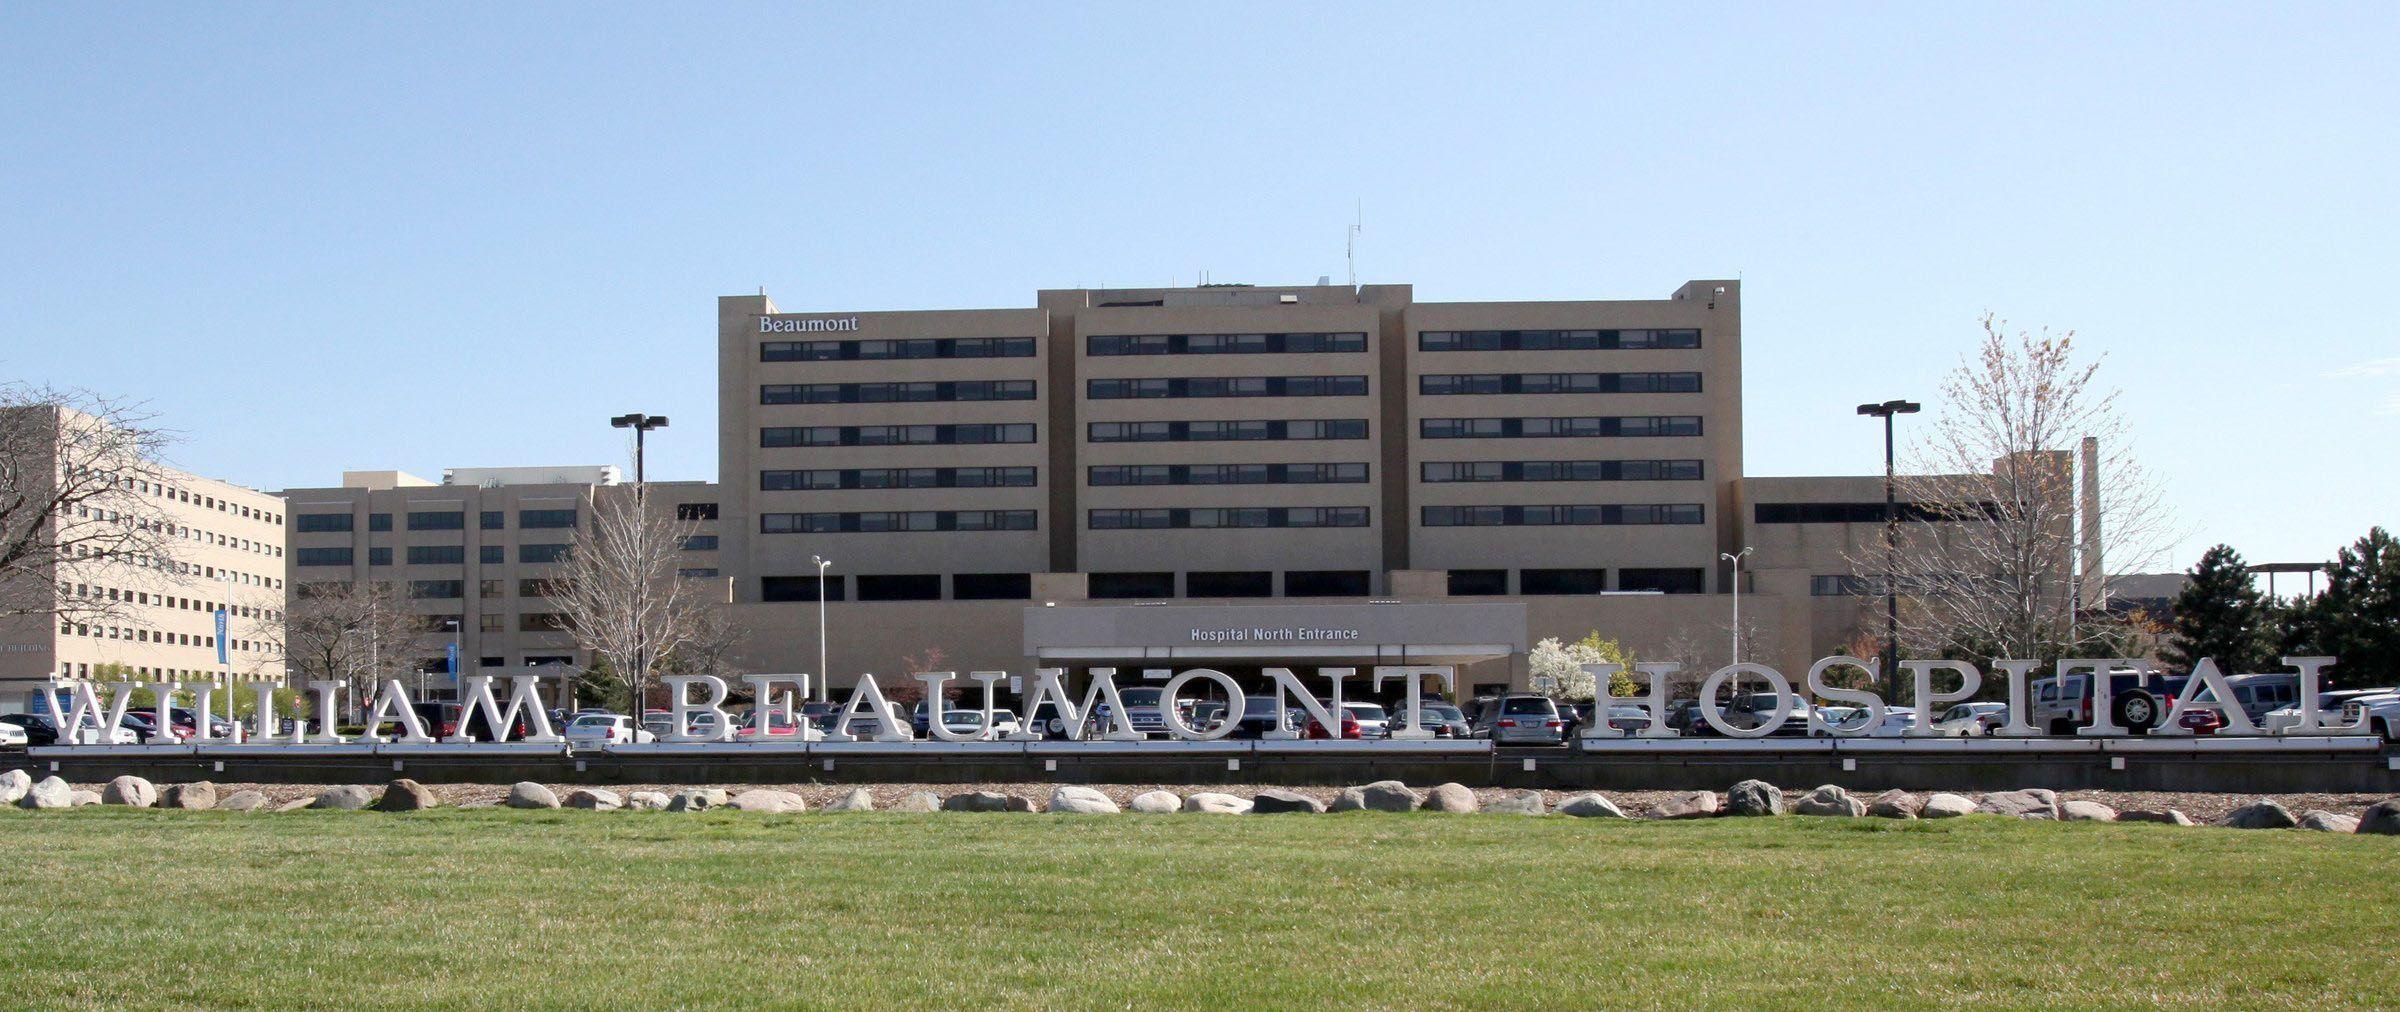 Beaumont Hospital in Royal Oak.